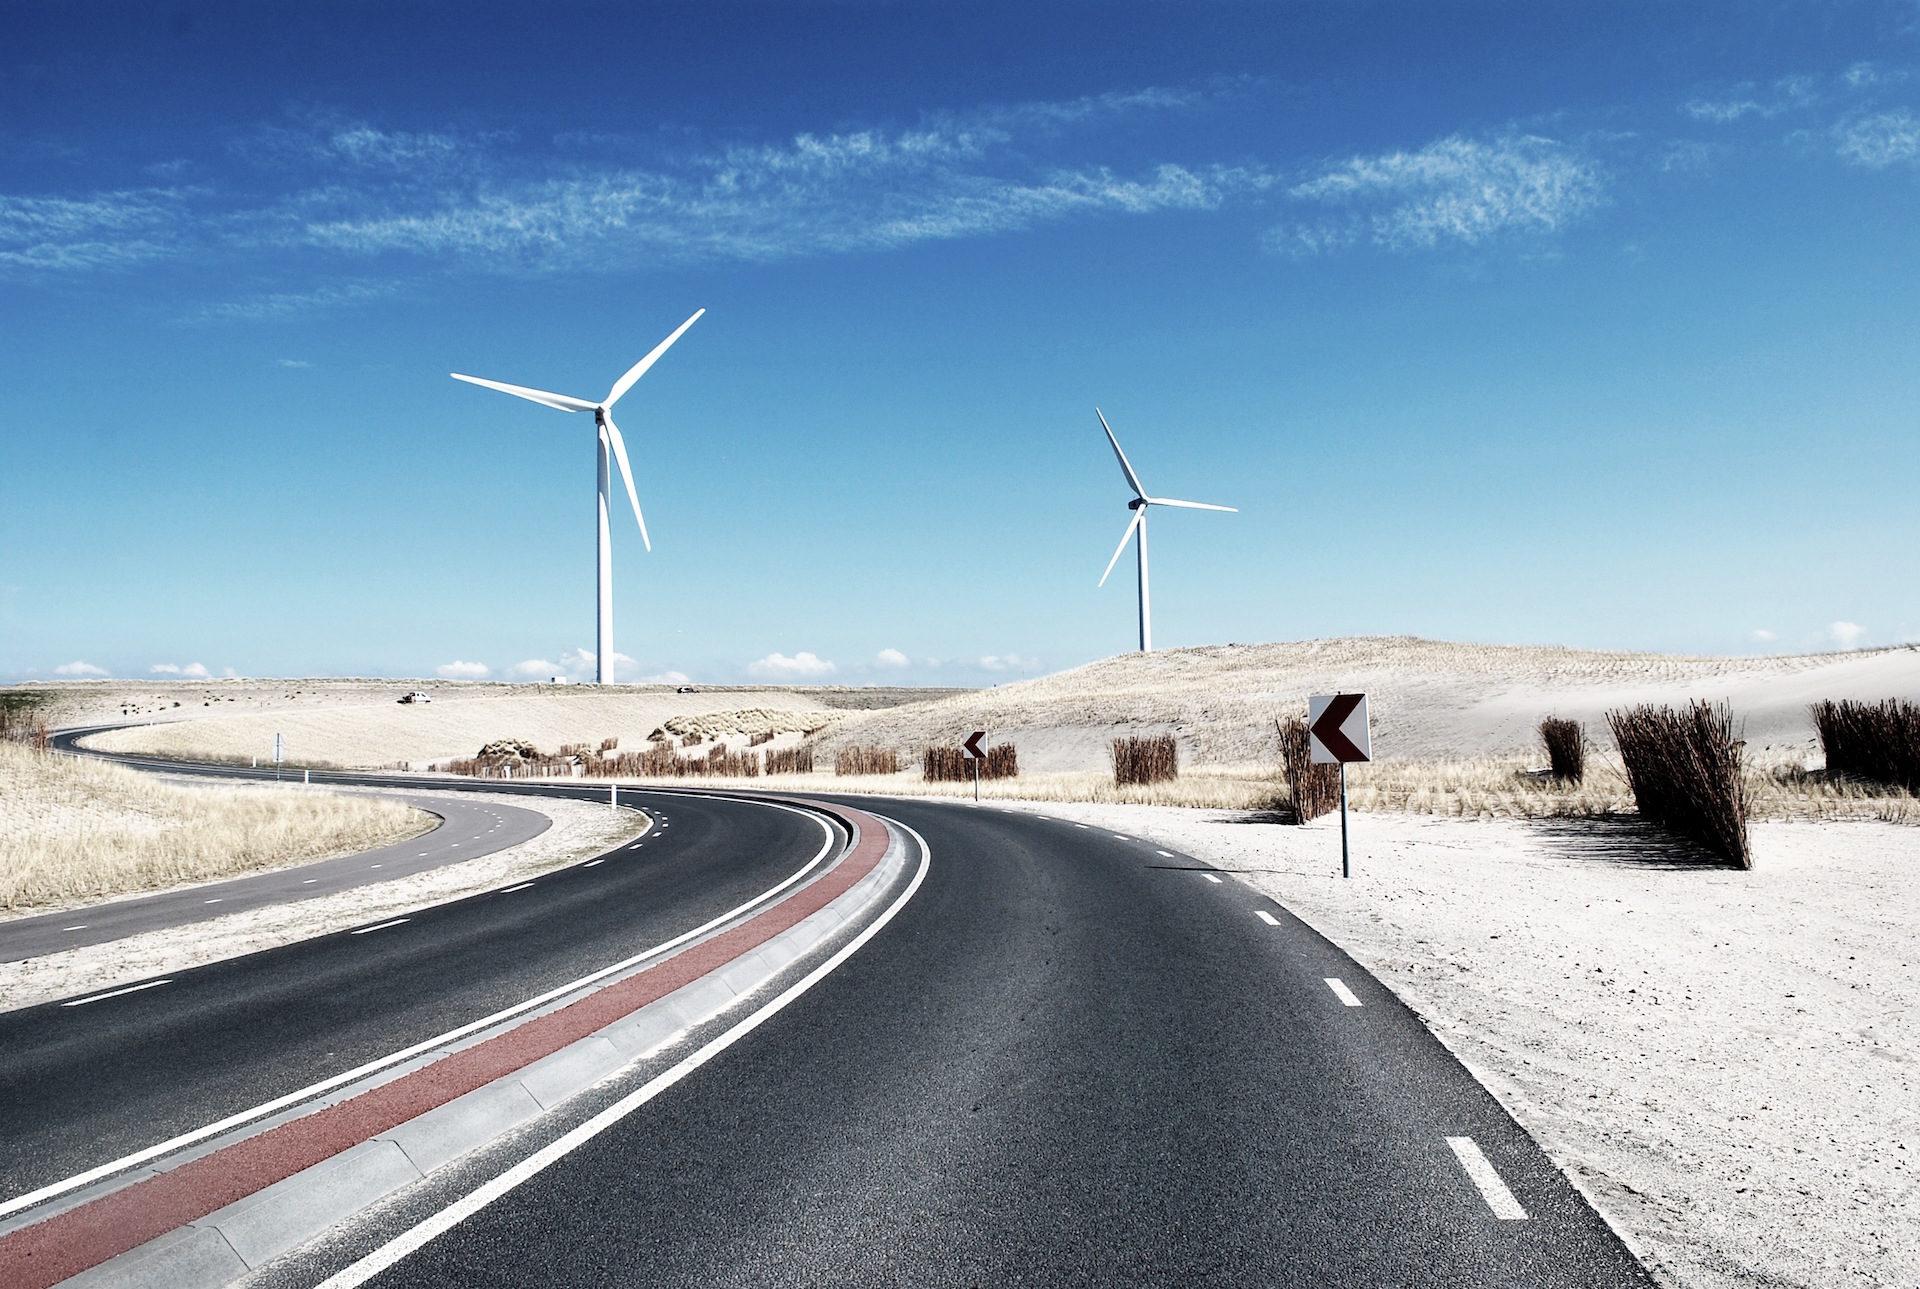 Straße, Mills, Wind, Windpark, Himmel - Wallpaper HD - Prof.-falken.com